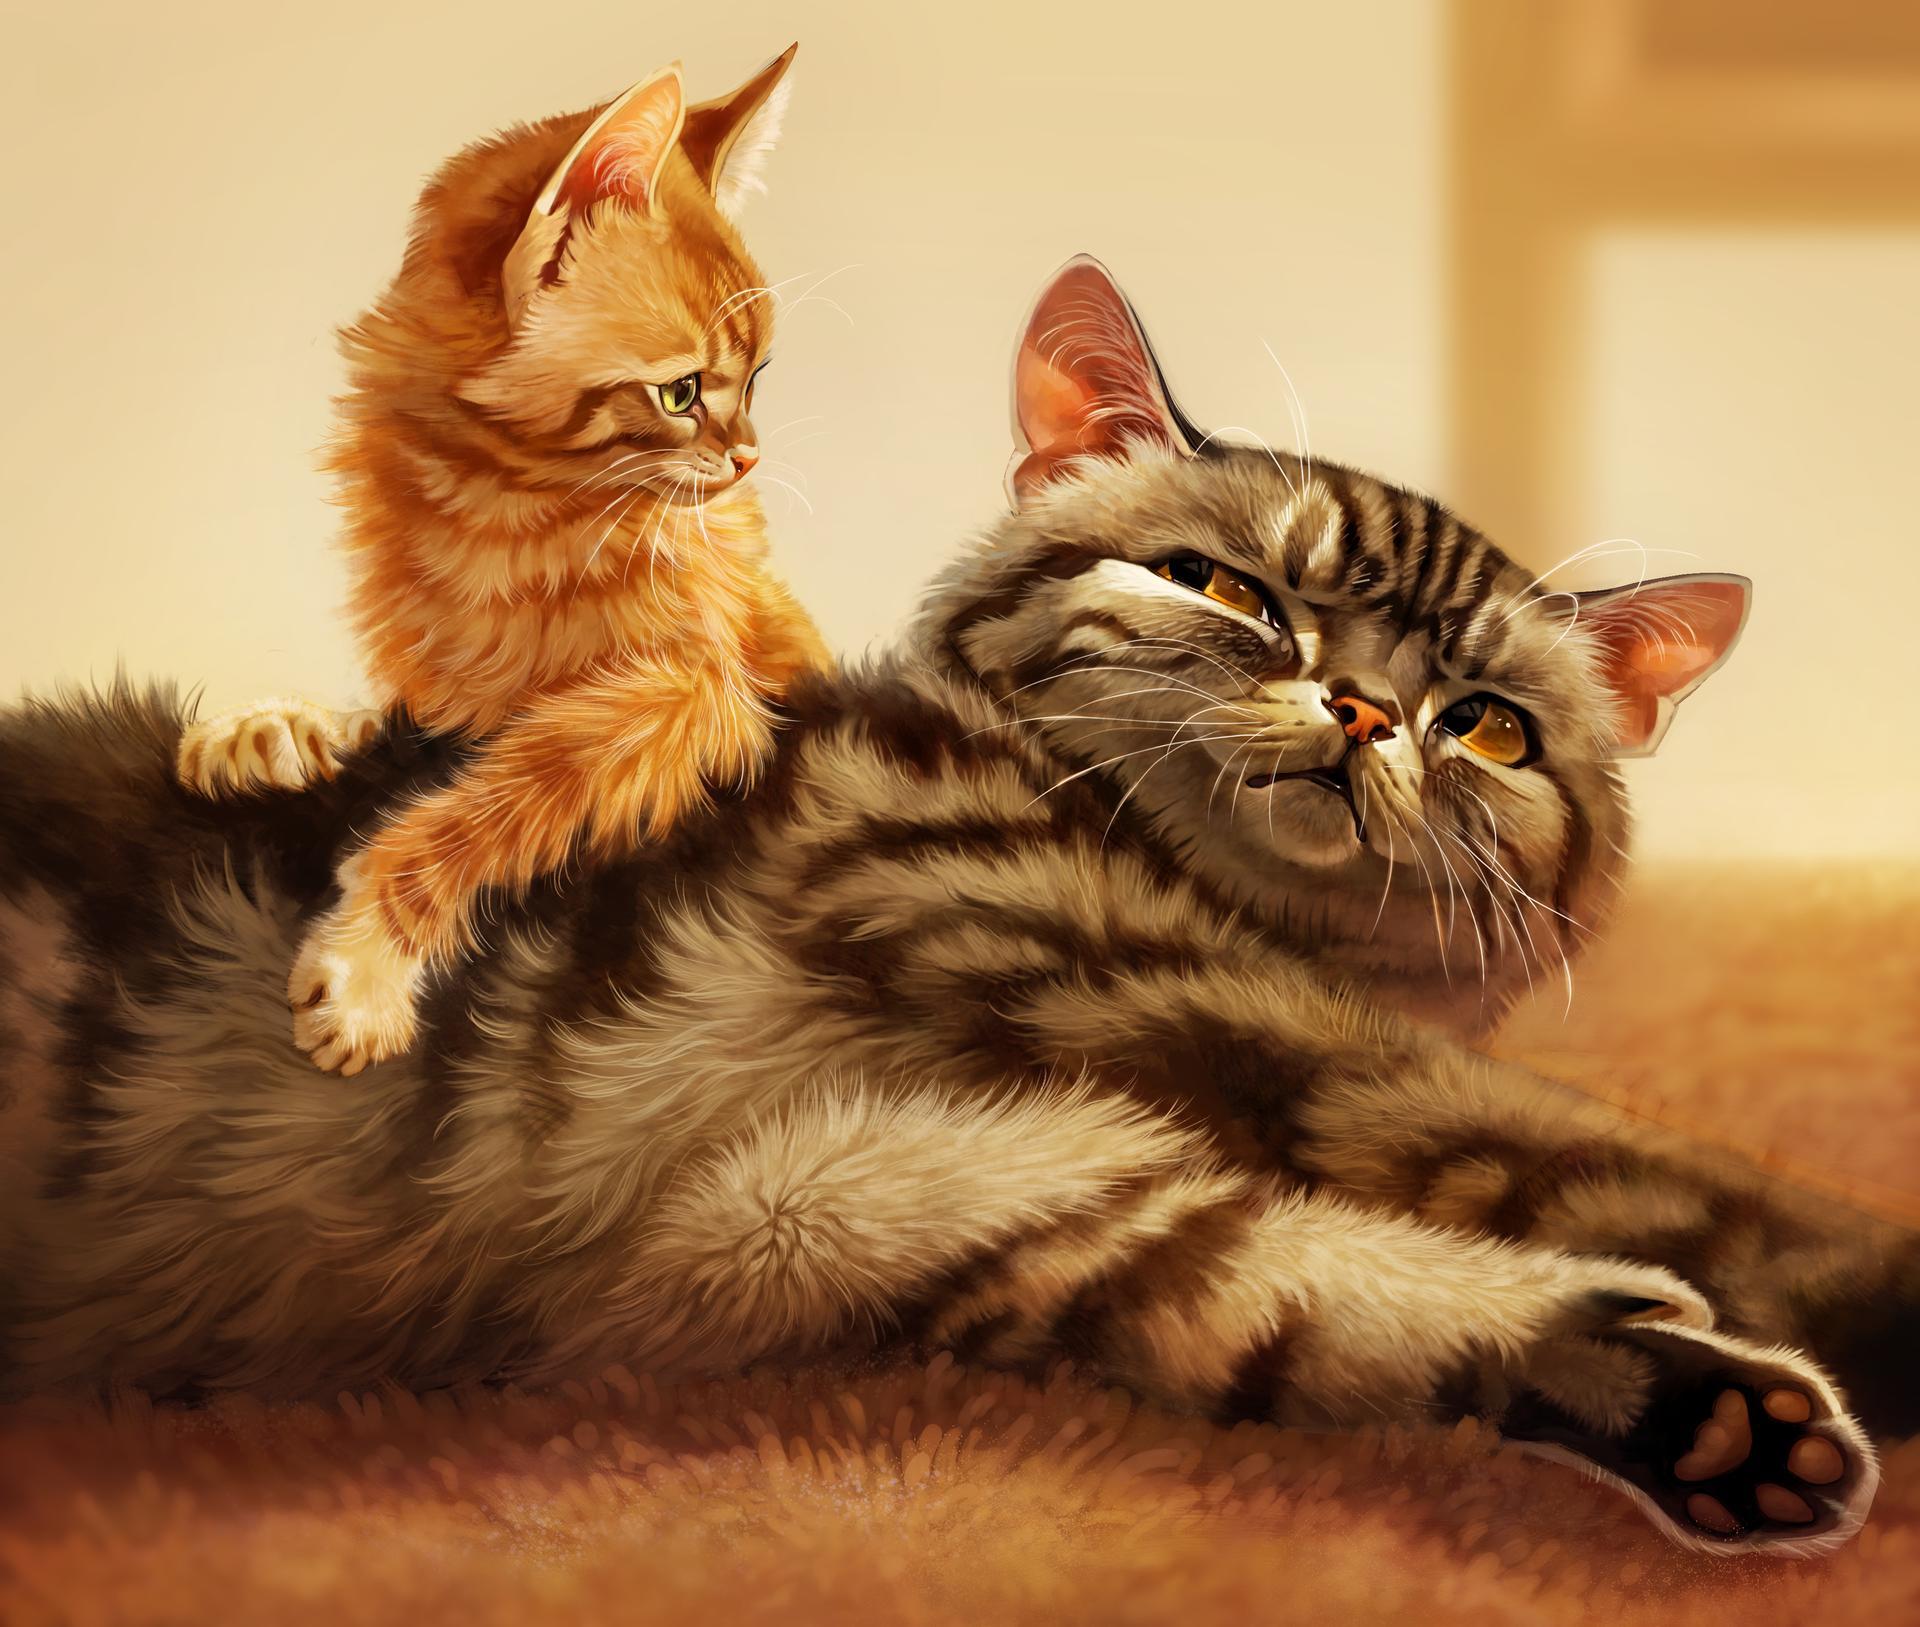 Фото Полосатая серая кошка и рыжий котенок, by Pixxus